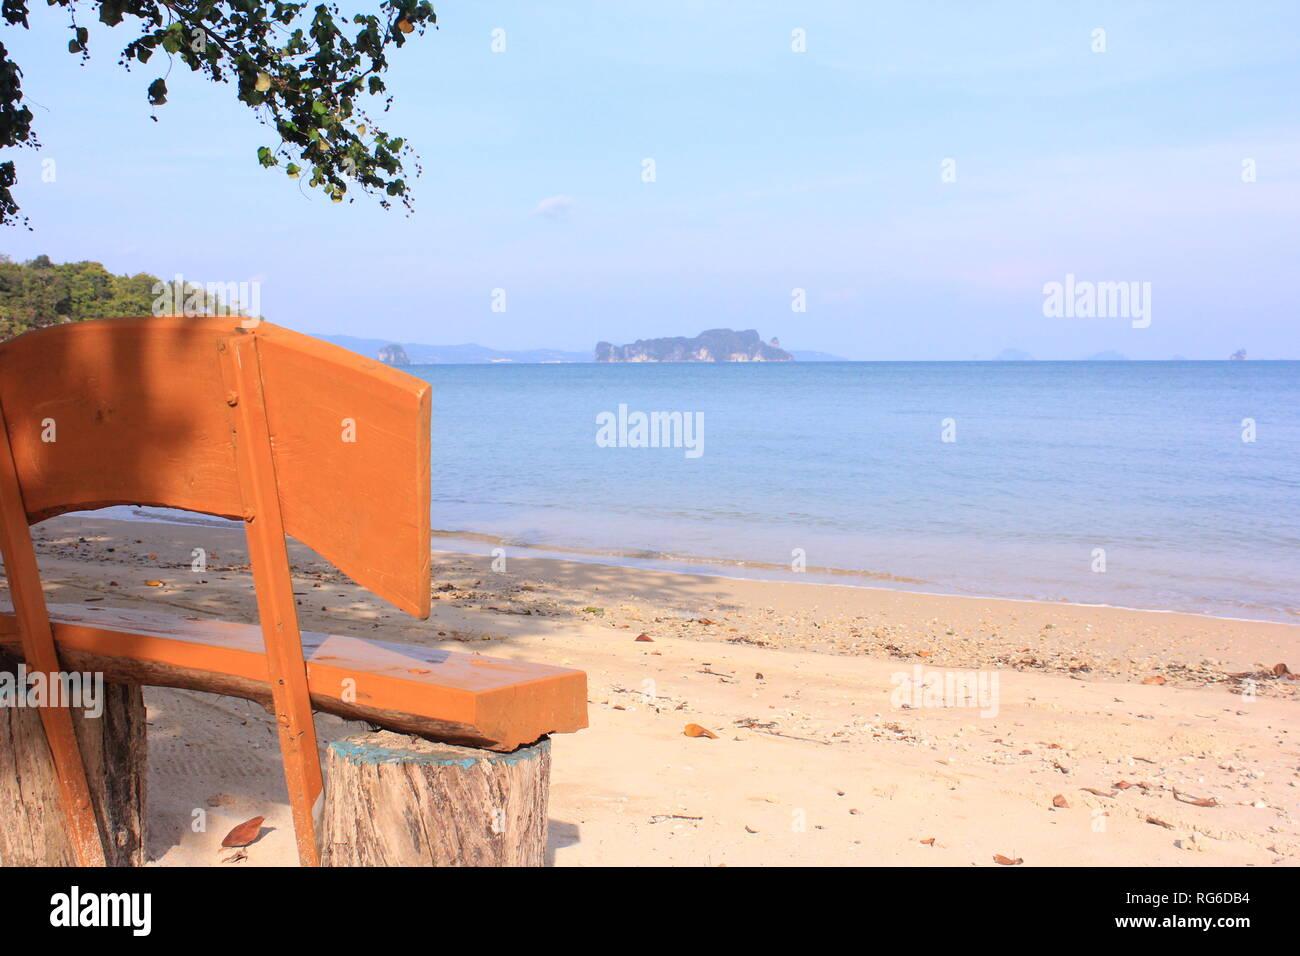 Holzbank am Strand einer thailändischen Insel mit Ausblick aufs Meer und die umgebenden Inseln - Stock Image